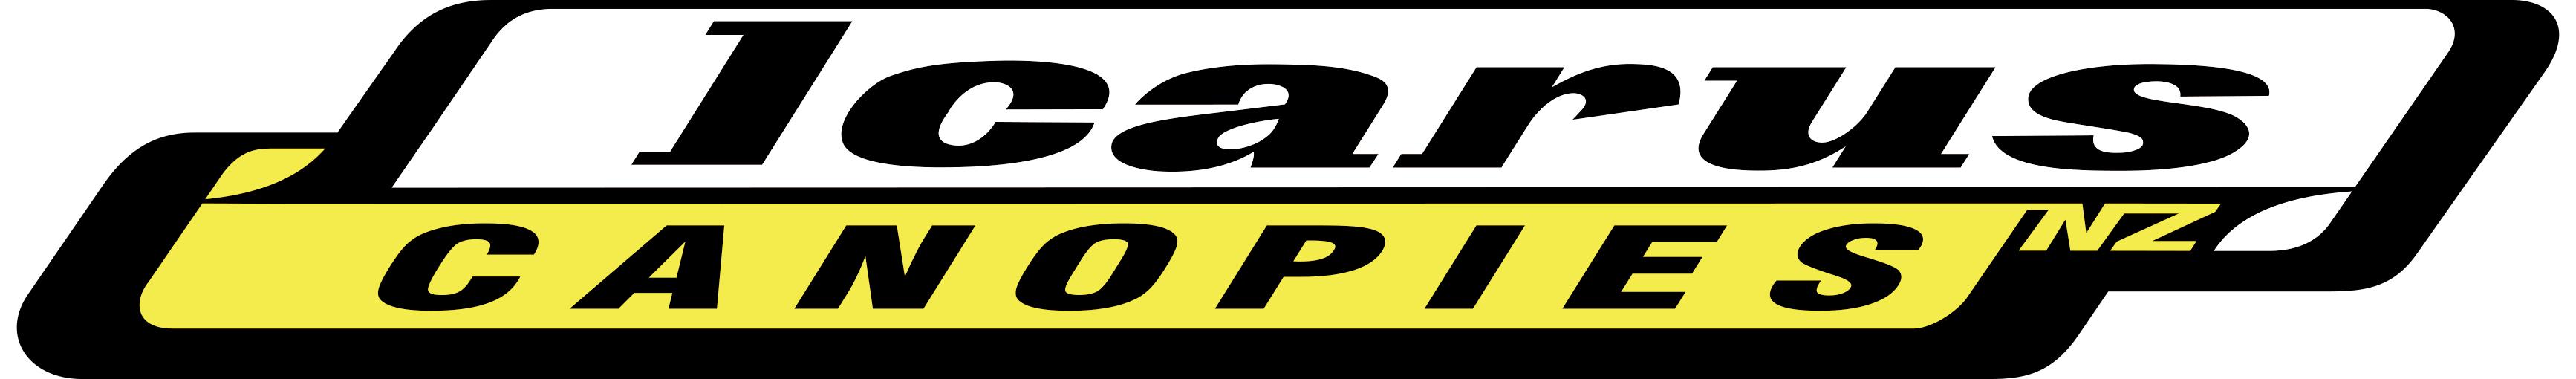 Icarus logo_NEW copy